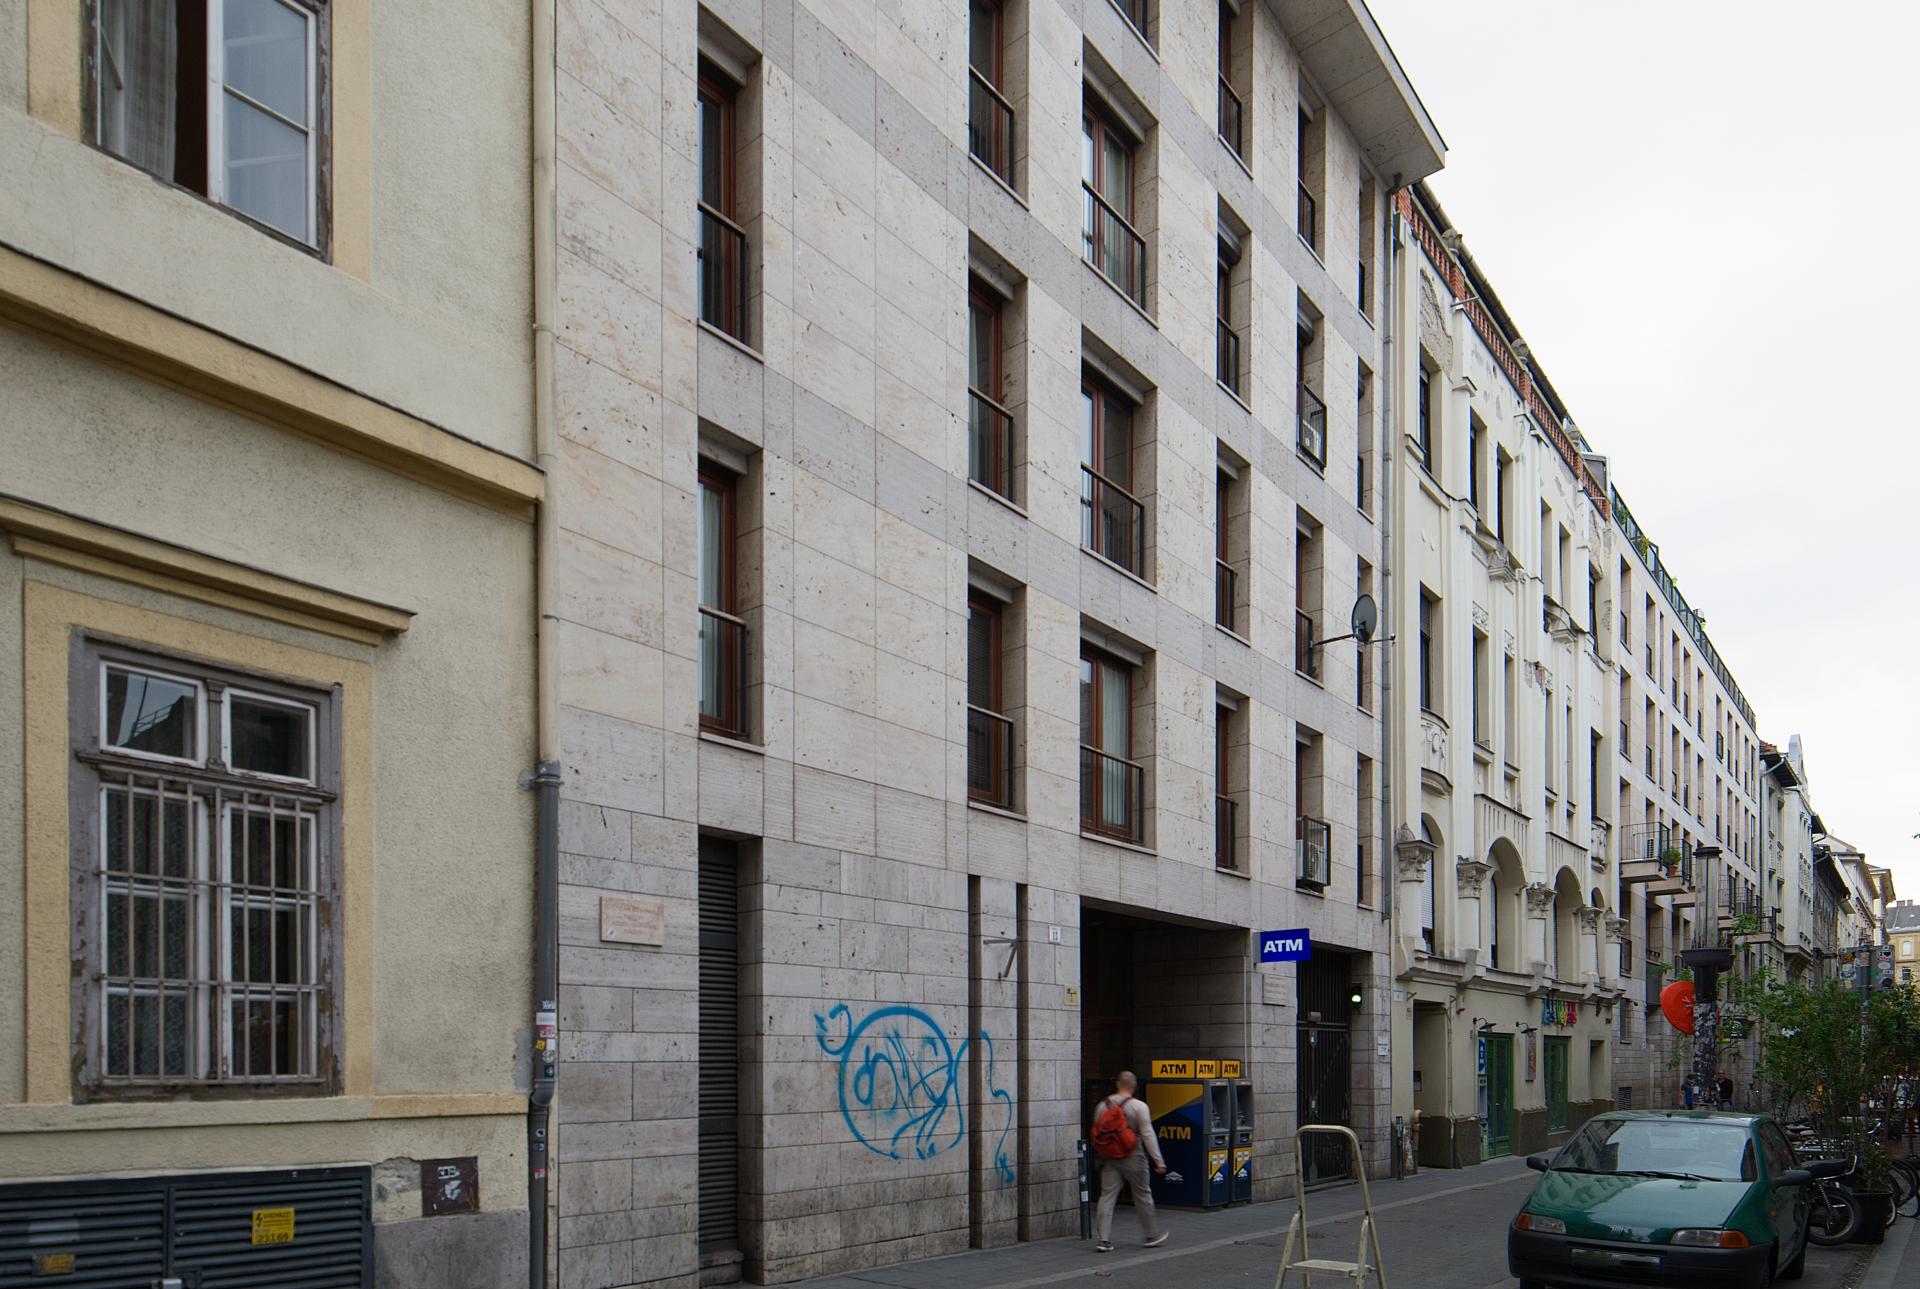 District 7, Kazinczy utca 13.